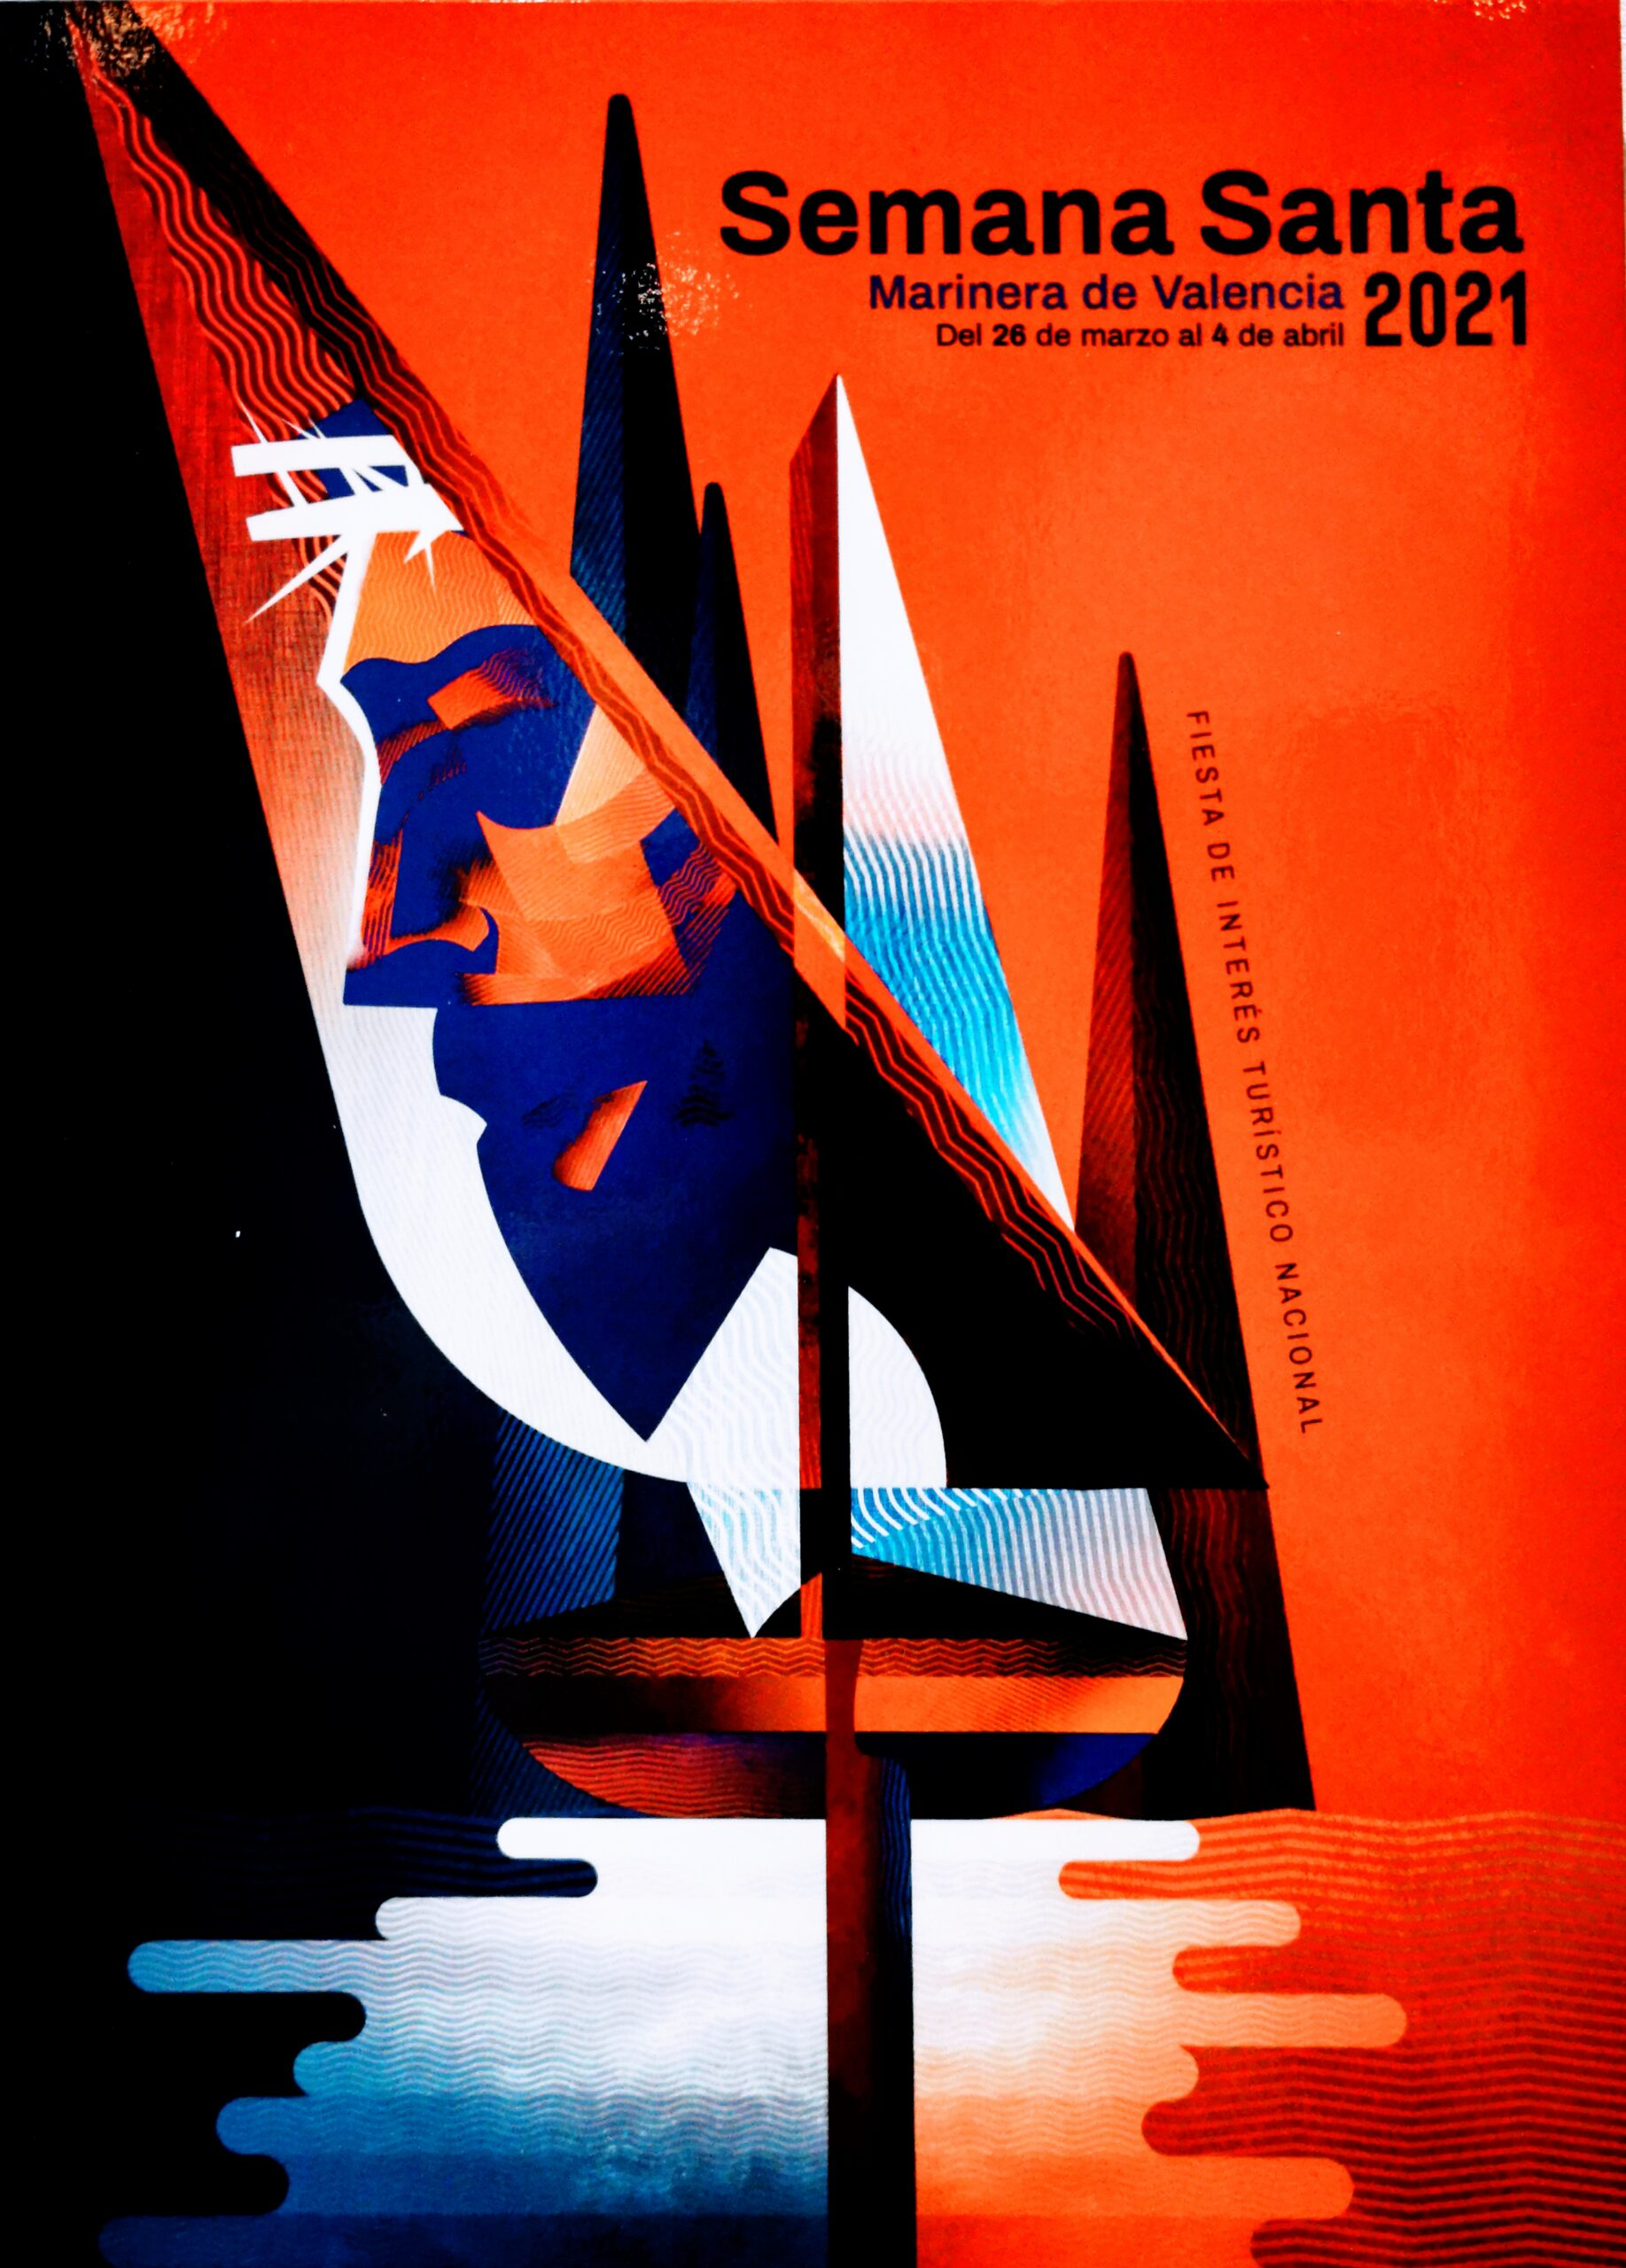 L'obra Passió Geomètrica cartell de la Setmana Santa Marinera de València 2021